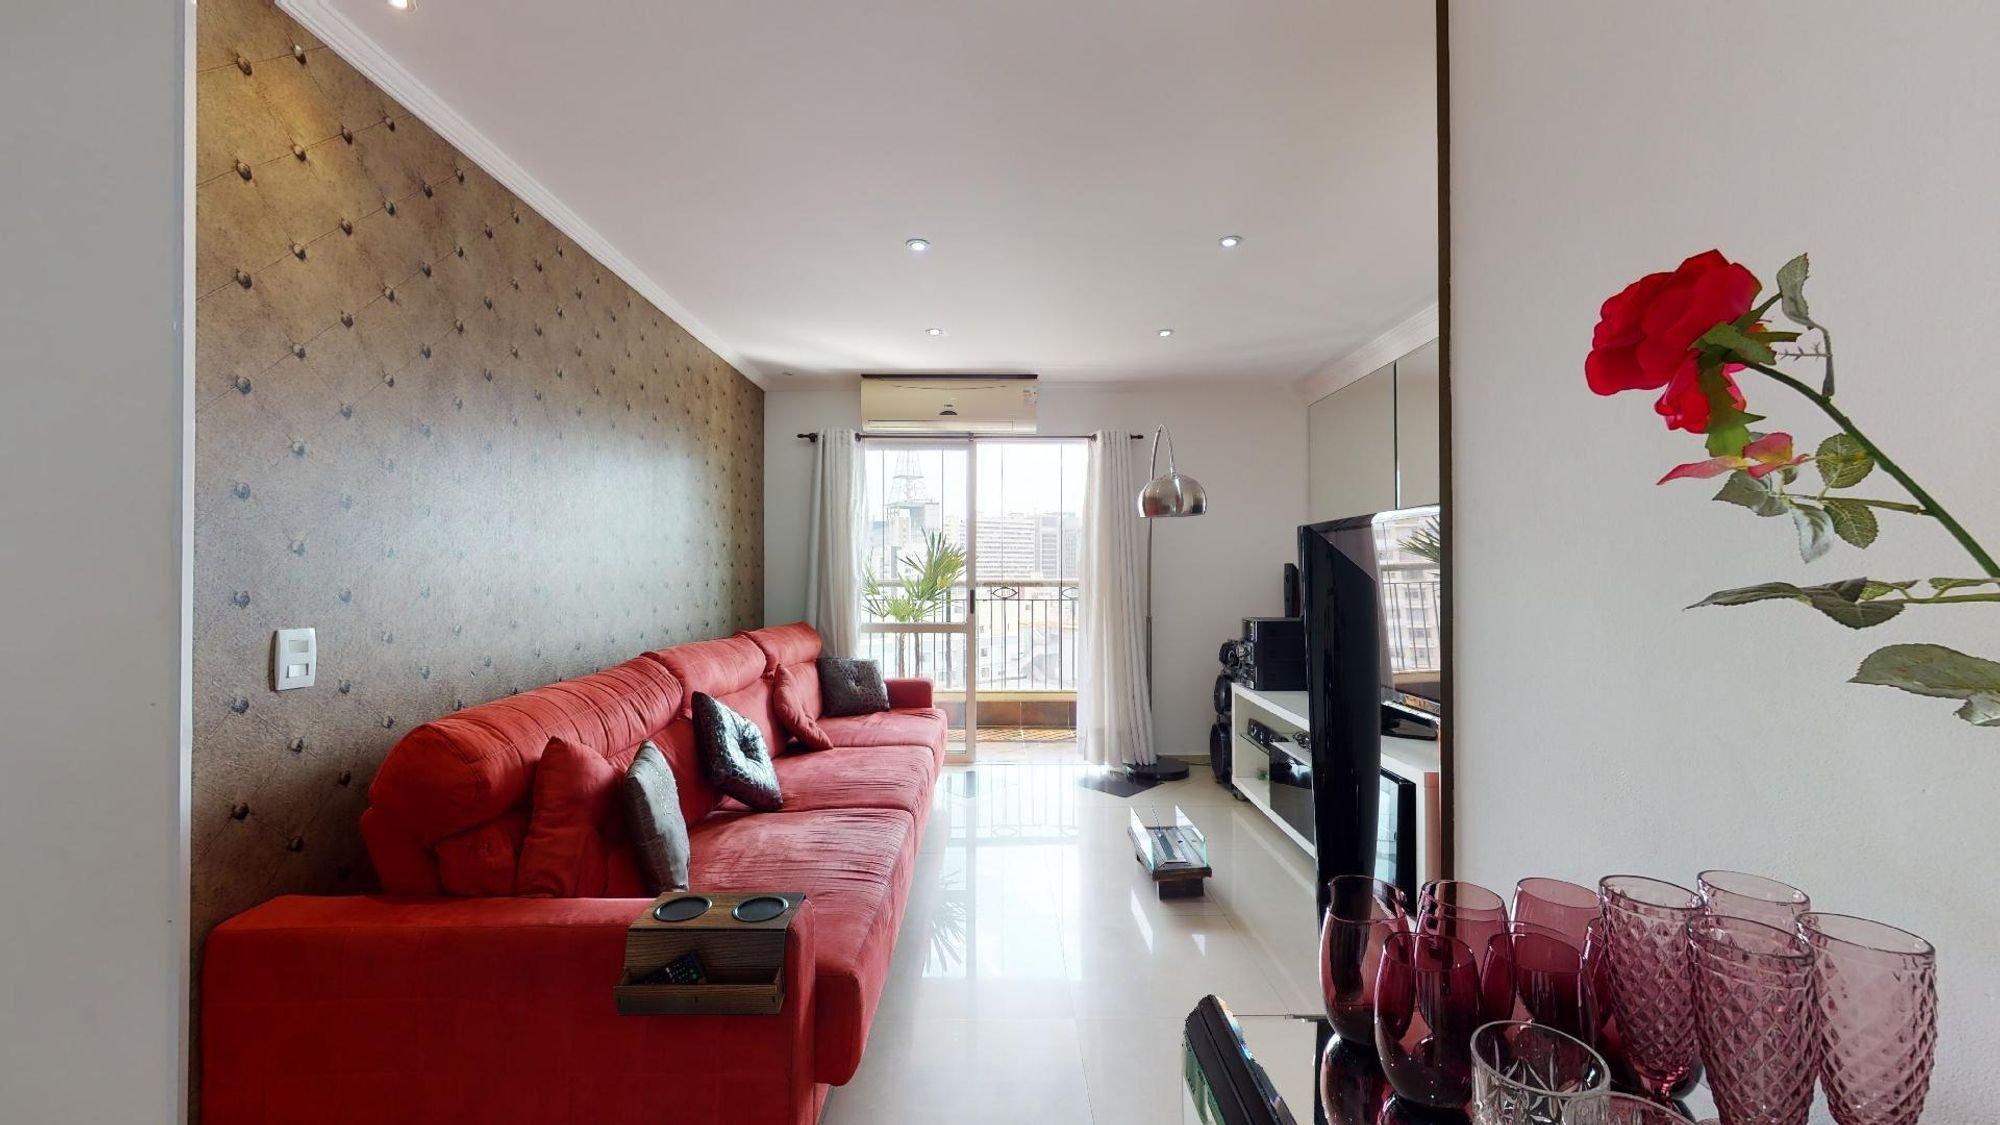 Foto de Sala com copo de vinho, sofá, televisão, vaso, cadeira